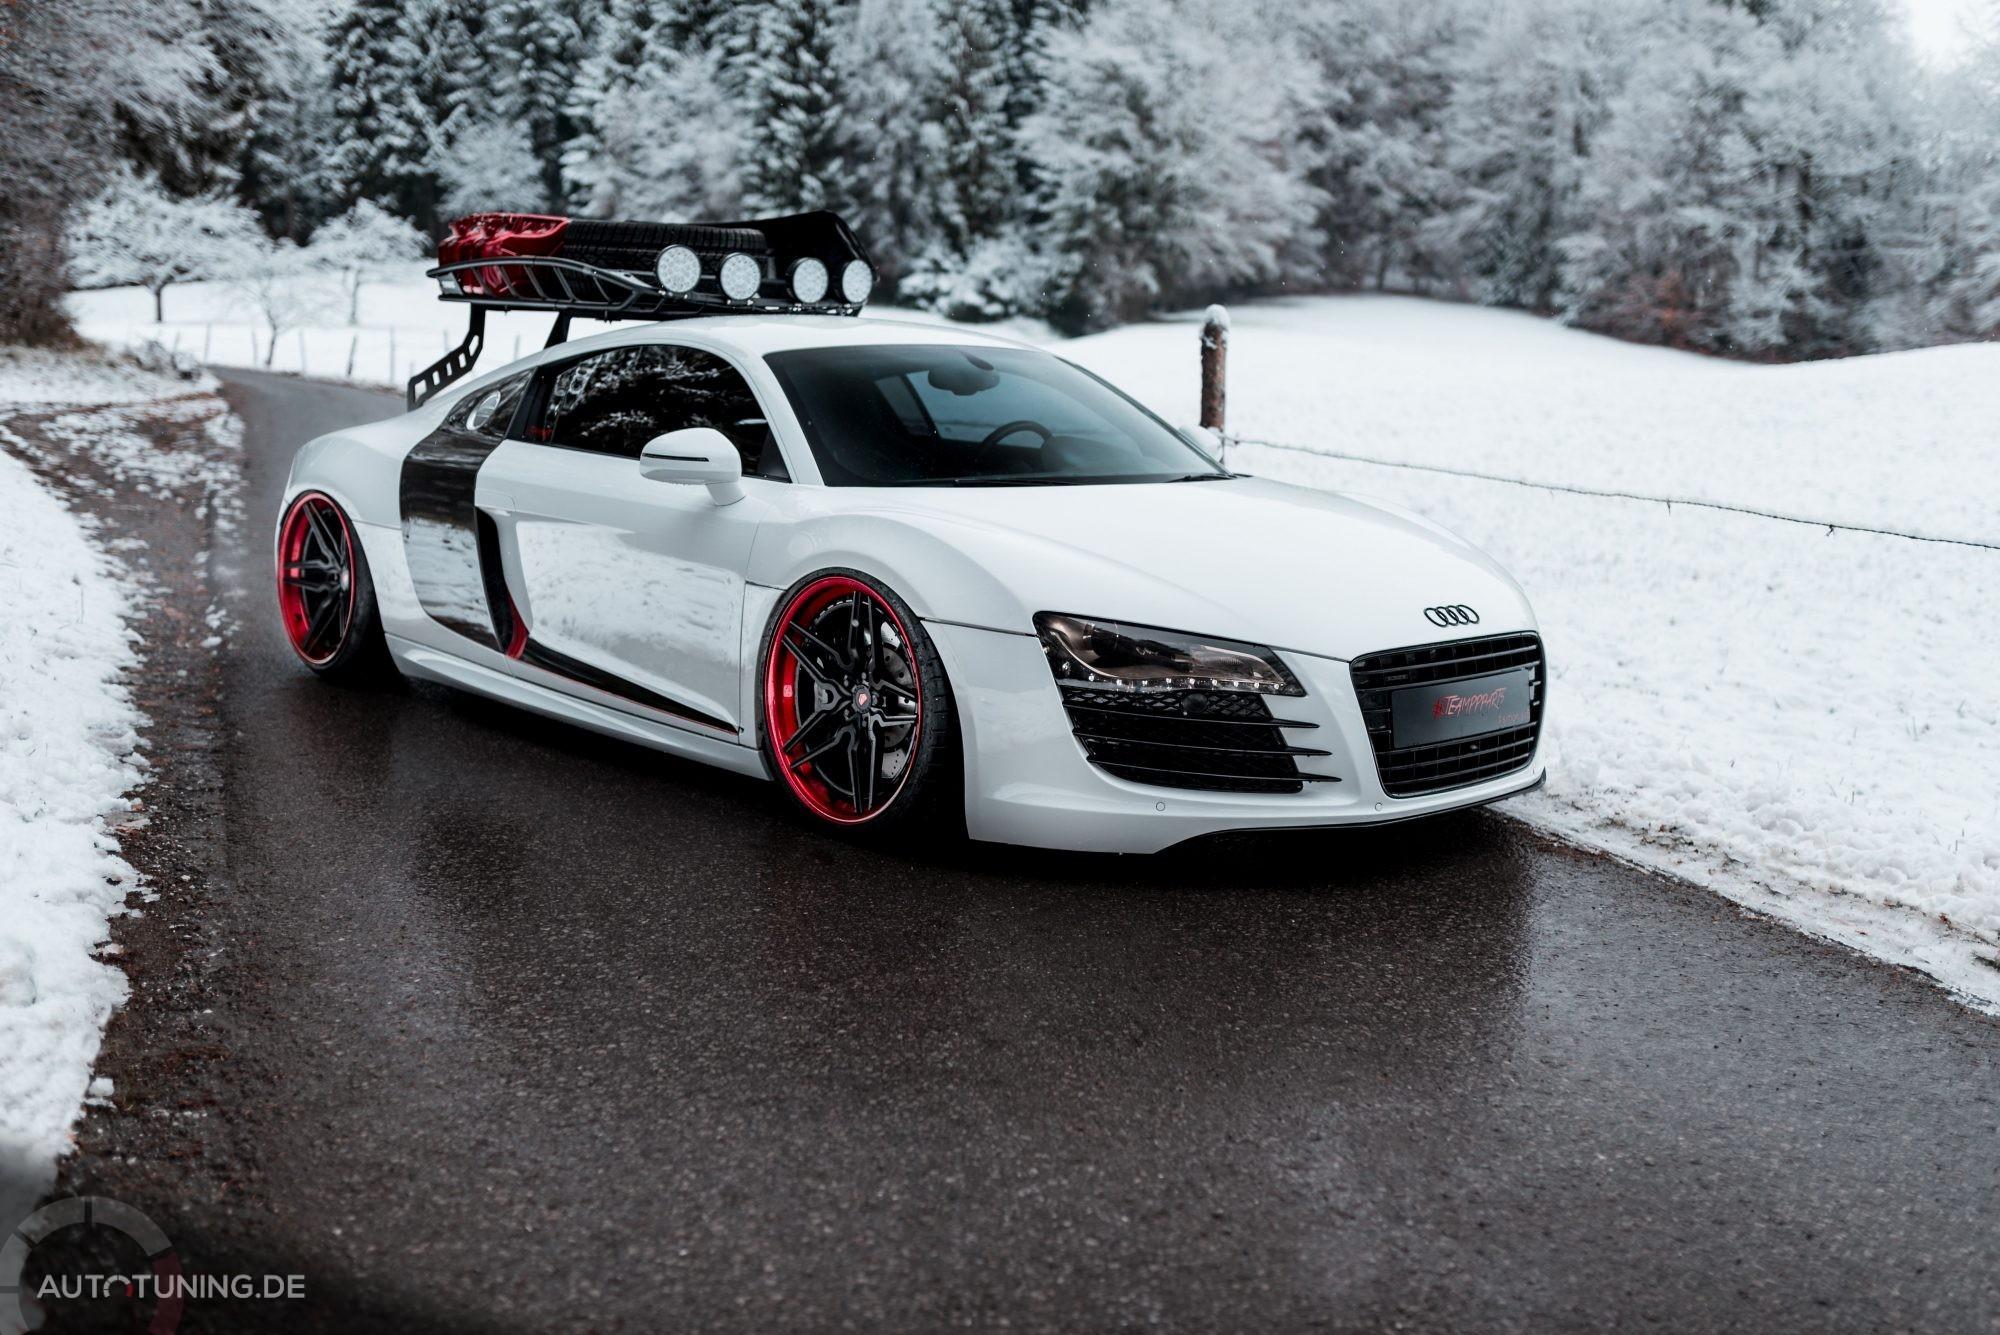 Audi R8 von Simon Rohner auf einer Straße im Winter